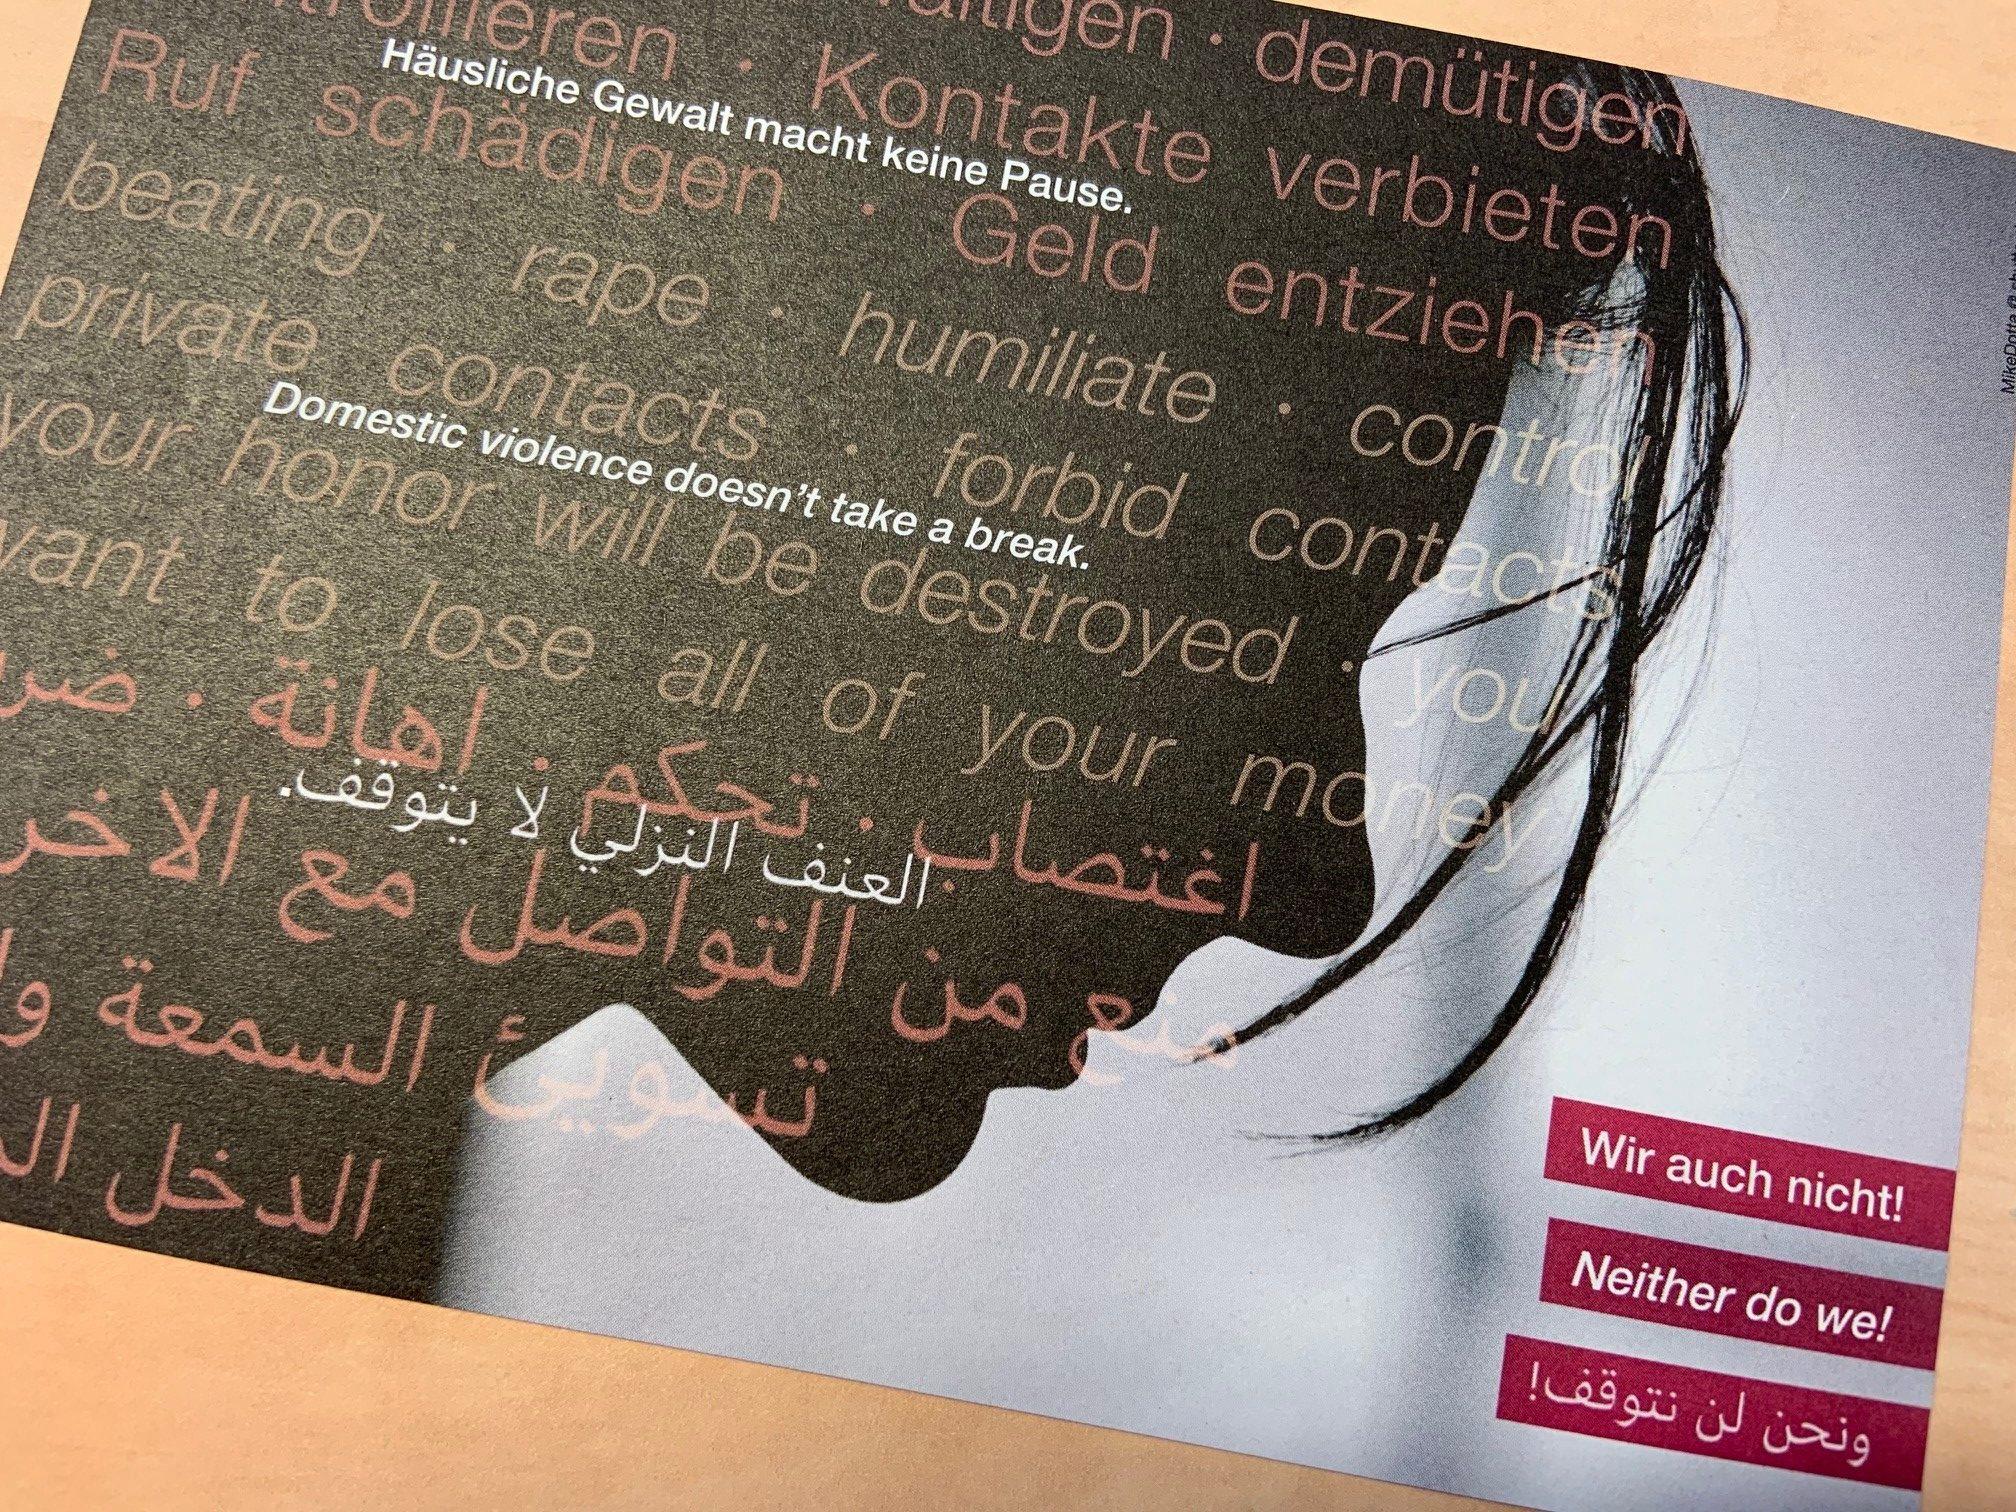 Sicher wohnen: Aktion gegen häusliche Gewalt